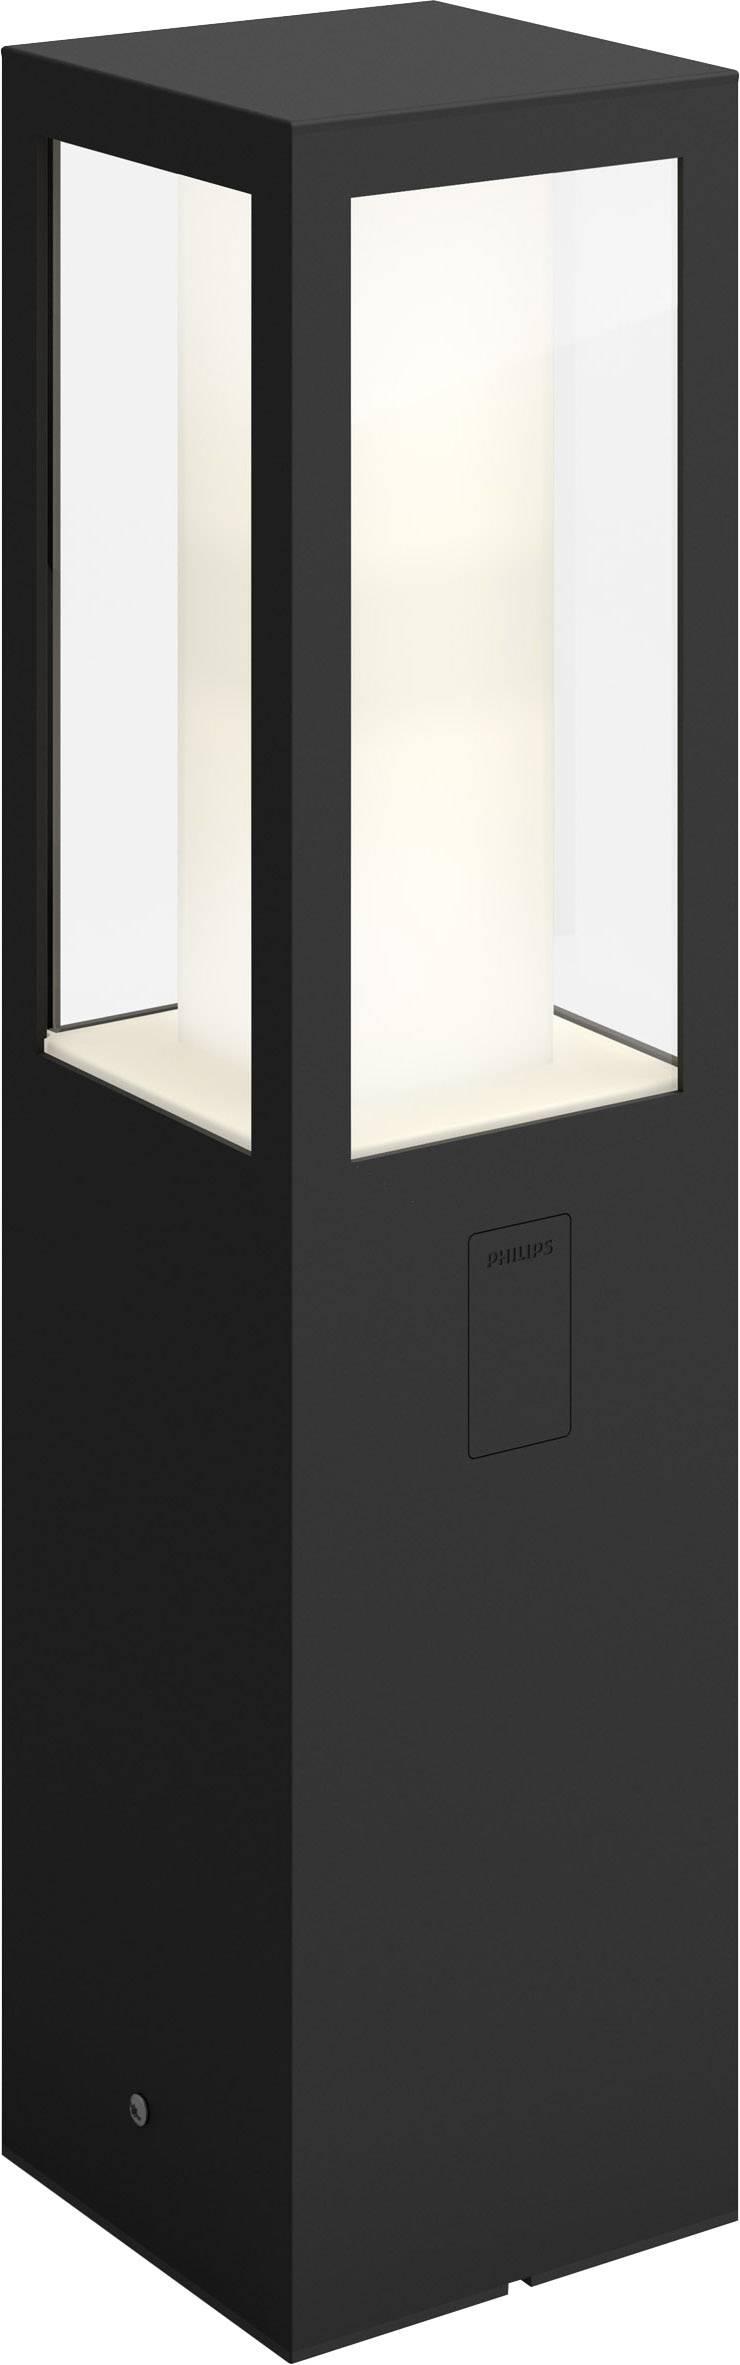 izdelek-philips-lighting-hue-led-zunanja-stojeca-svetilka-impress-le